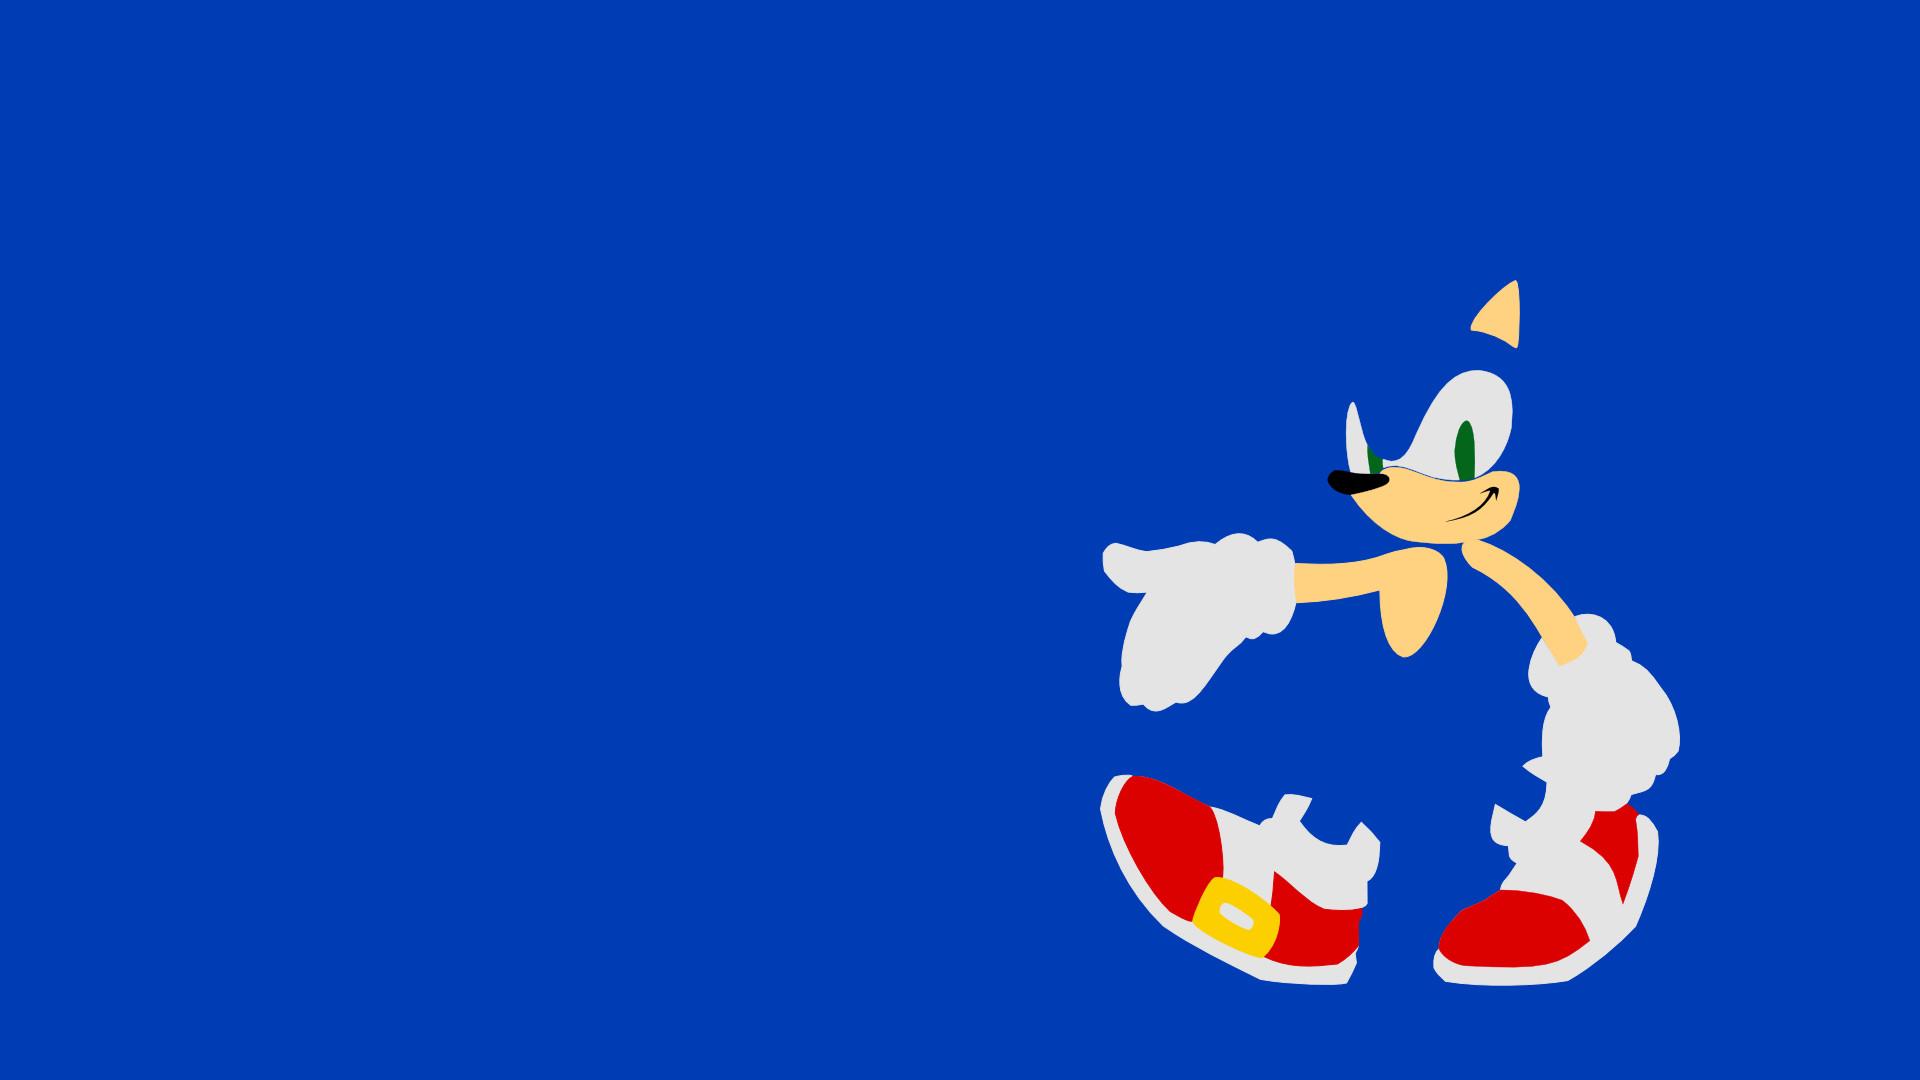 Sonic The Hedgehog Computer Wallpapers, Desktop Backgrounds .